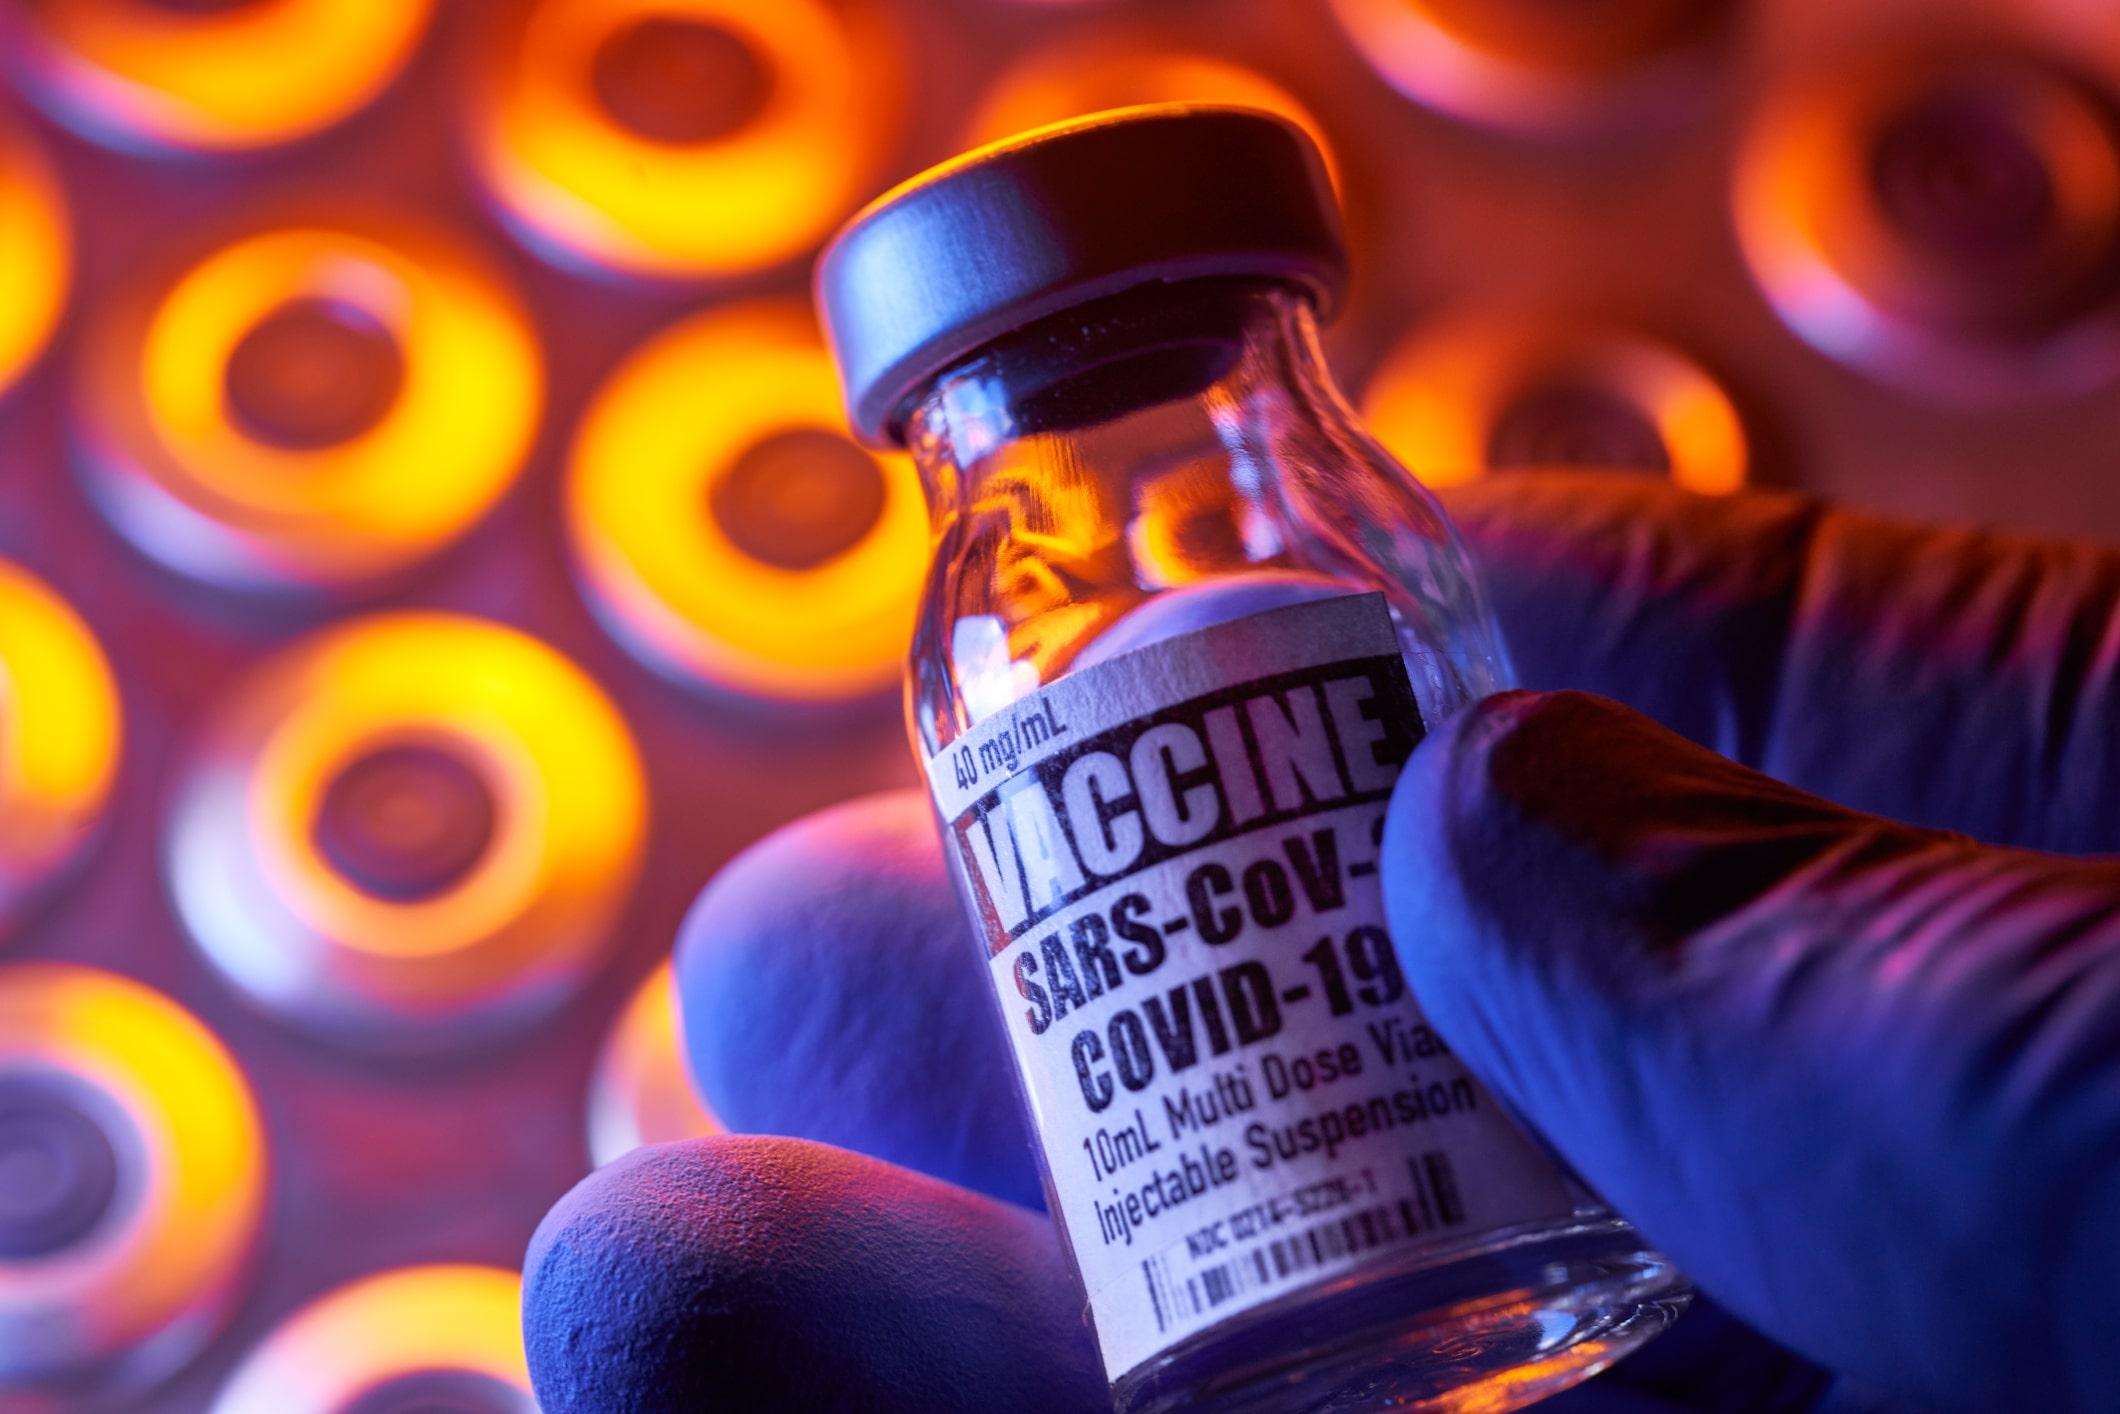 DOCUMENT. Prospectul vaccinului anti-COVID-19, tradus în limba română